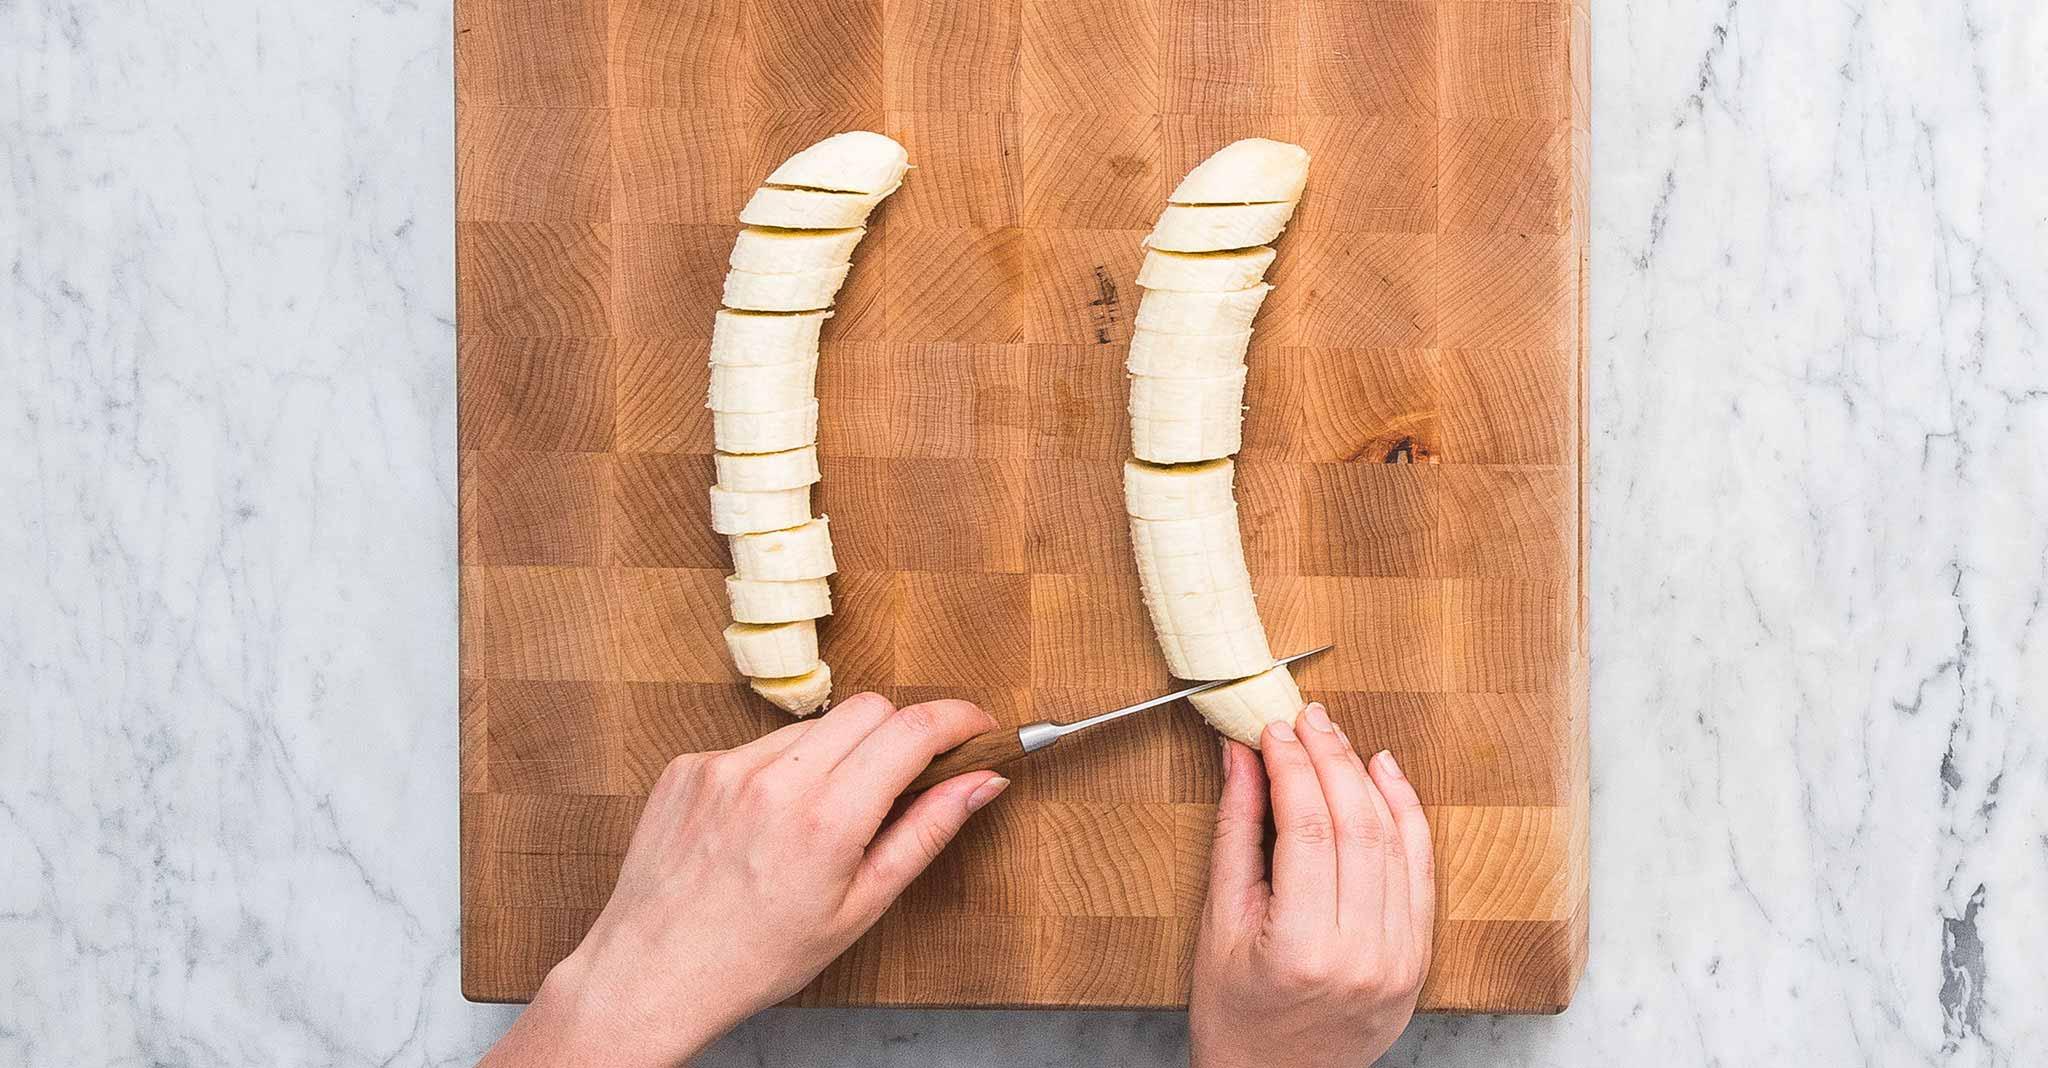 Nicecream-Sandwiches Banannen